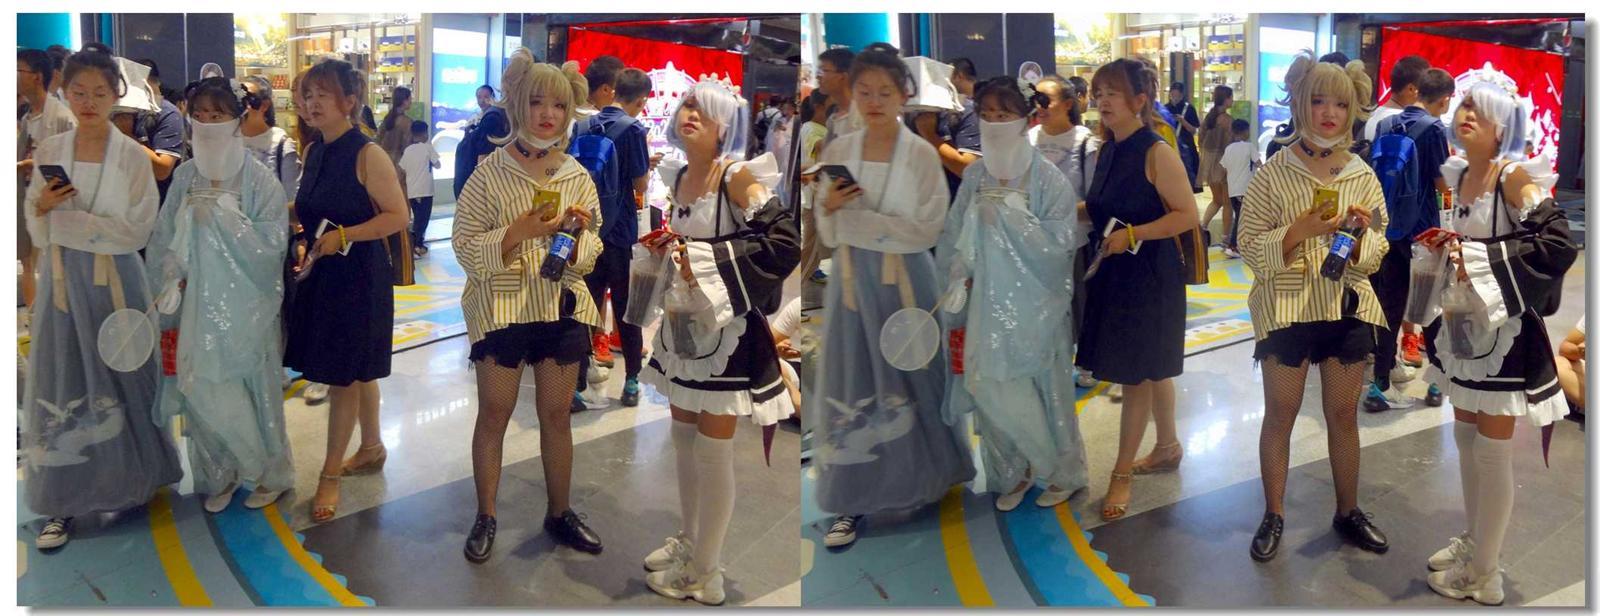 【原创】小美女和蒙面女 -2